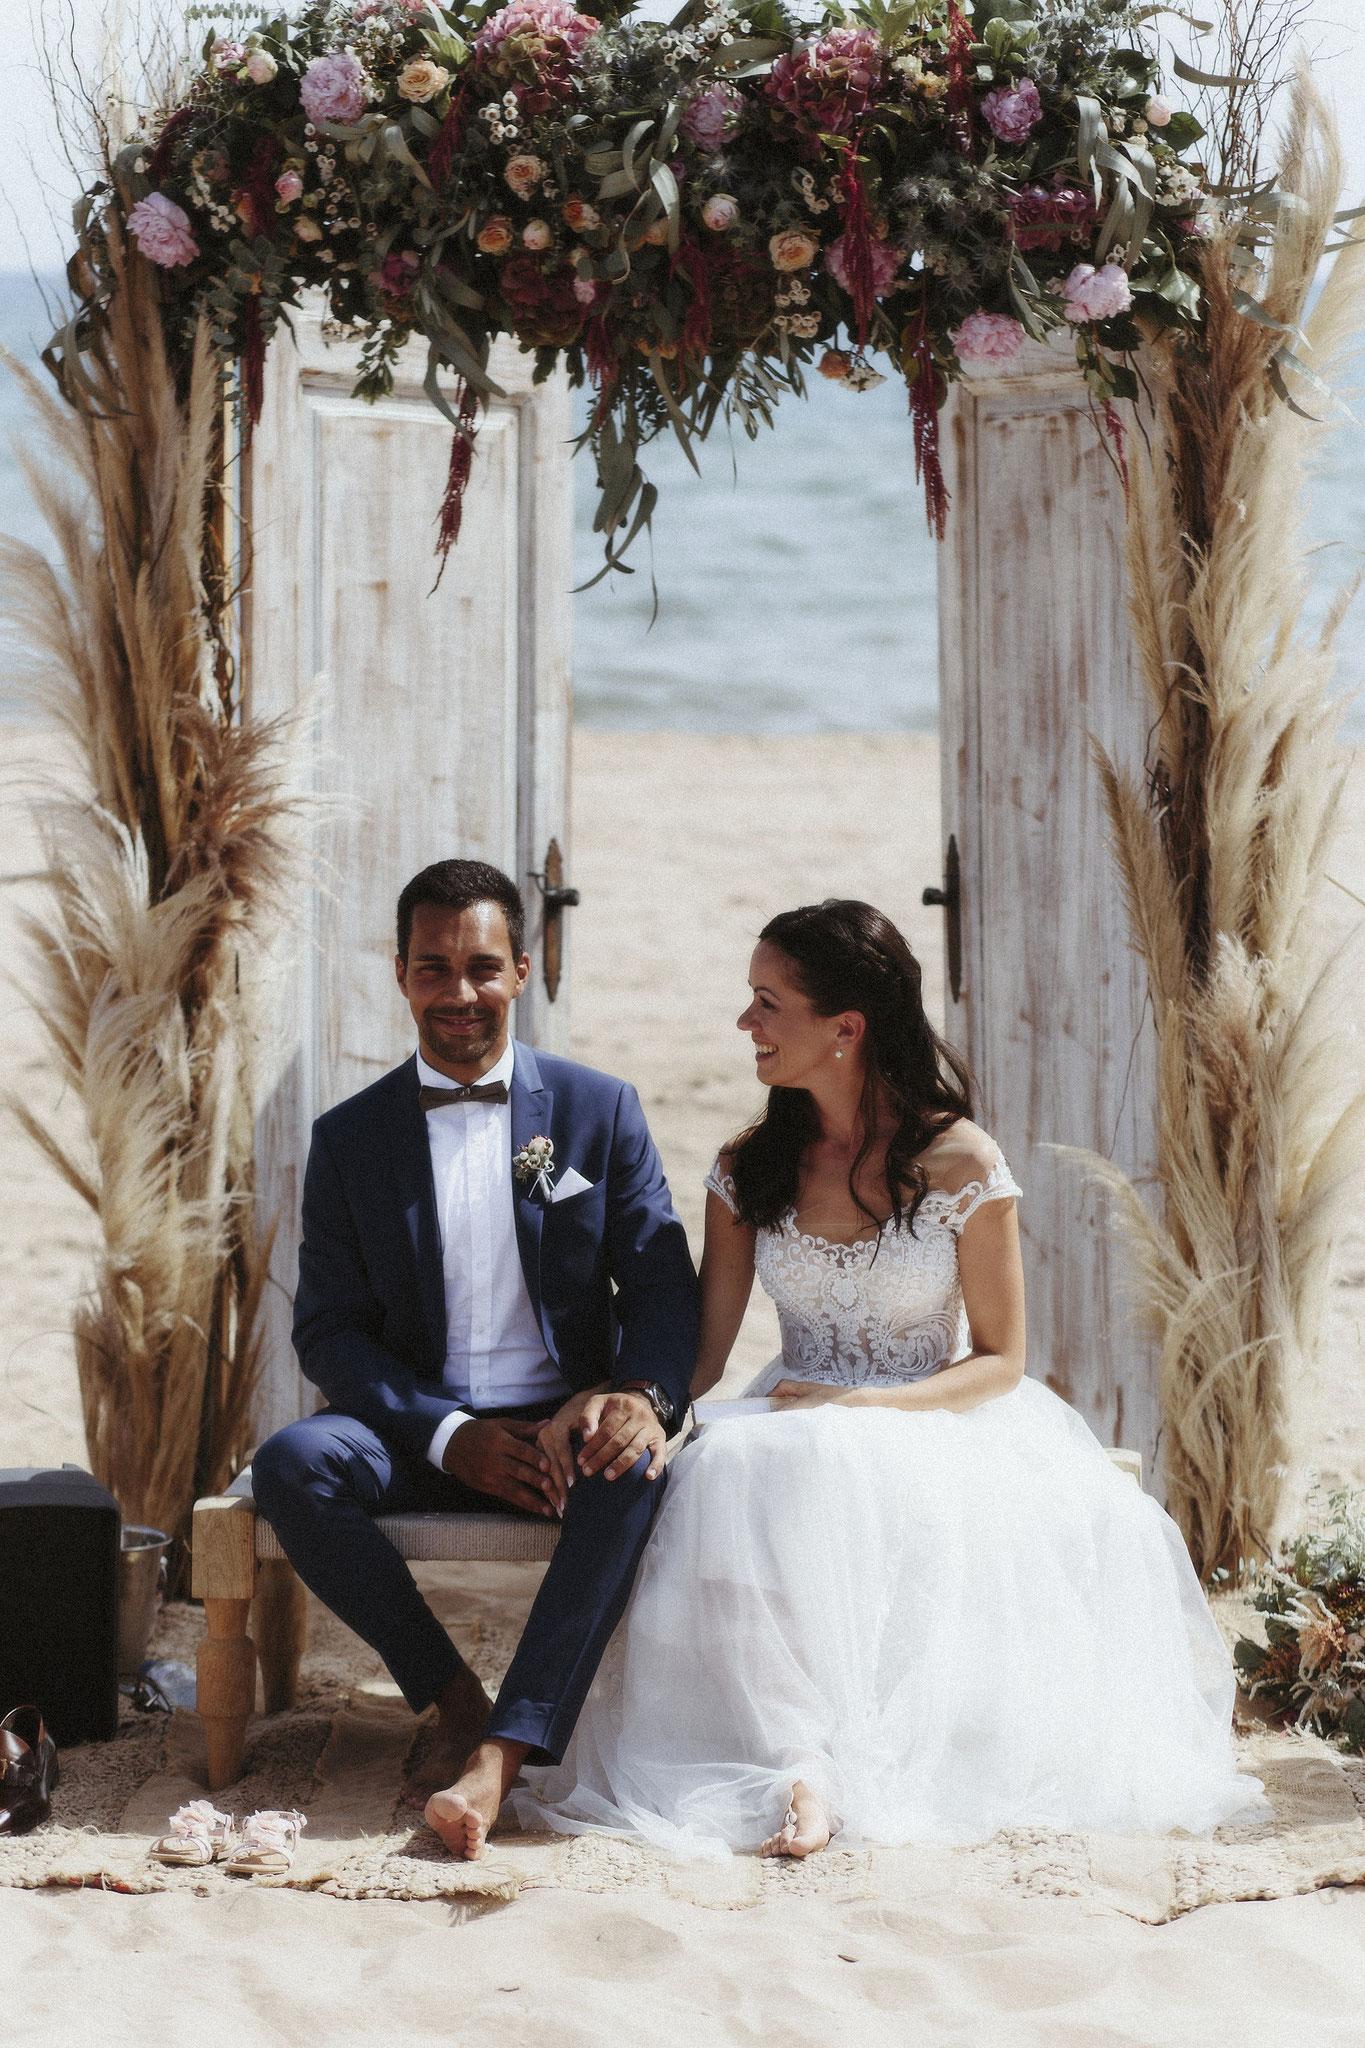 Und die Hochzeitsrede amüsiert (Foto: Revela't)